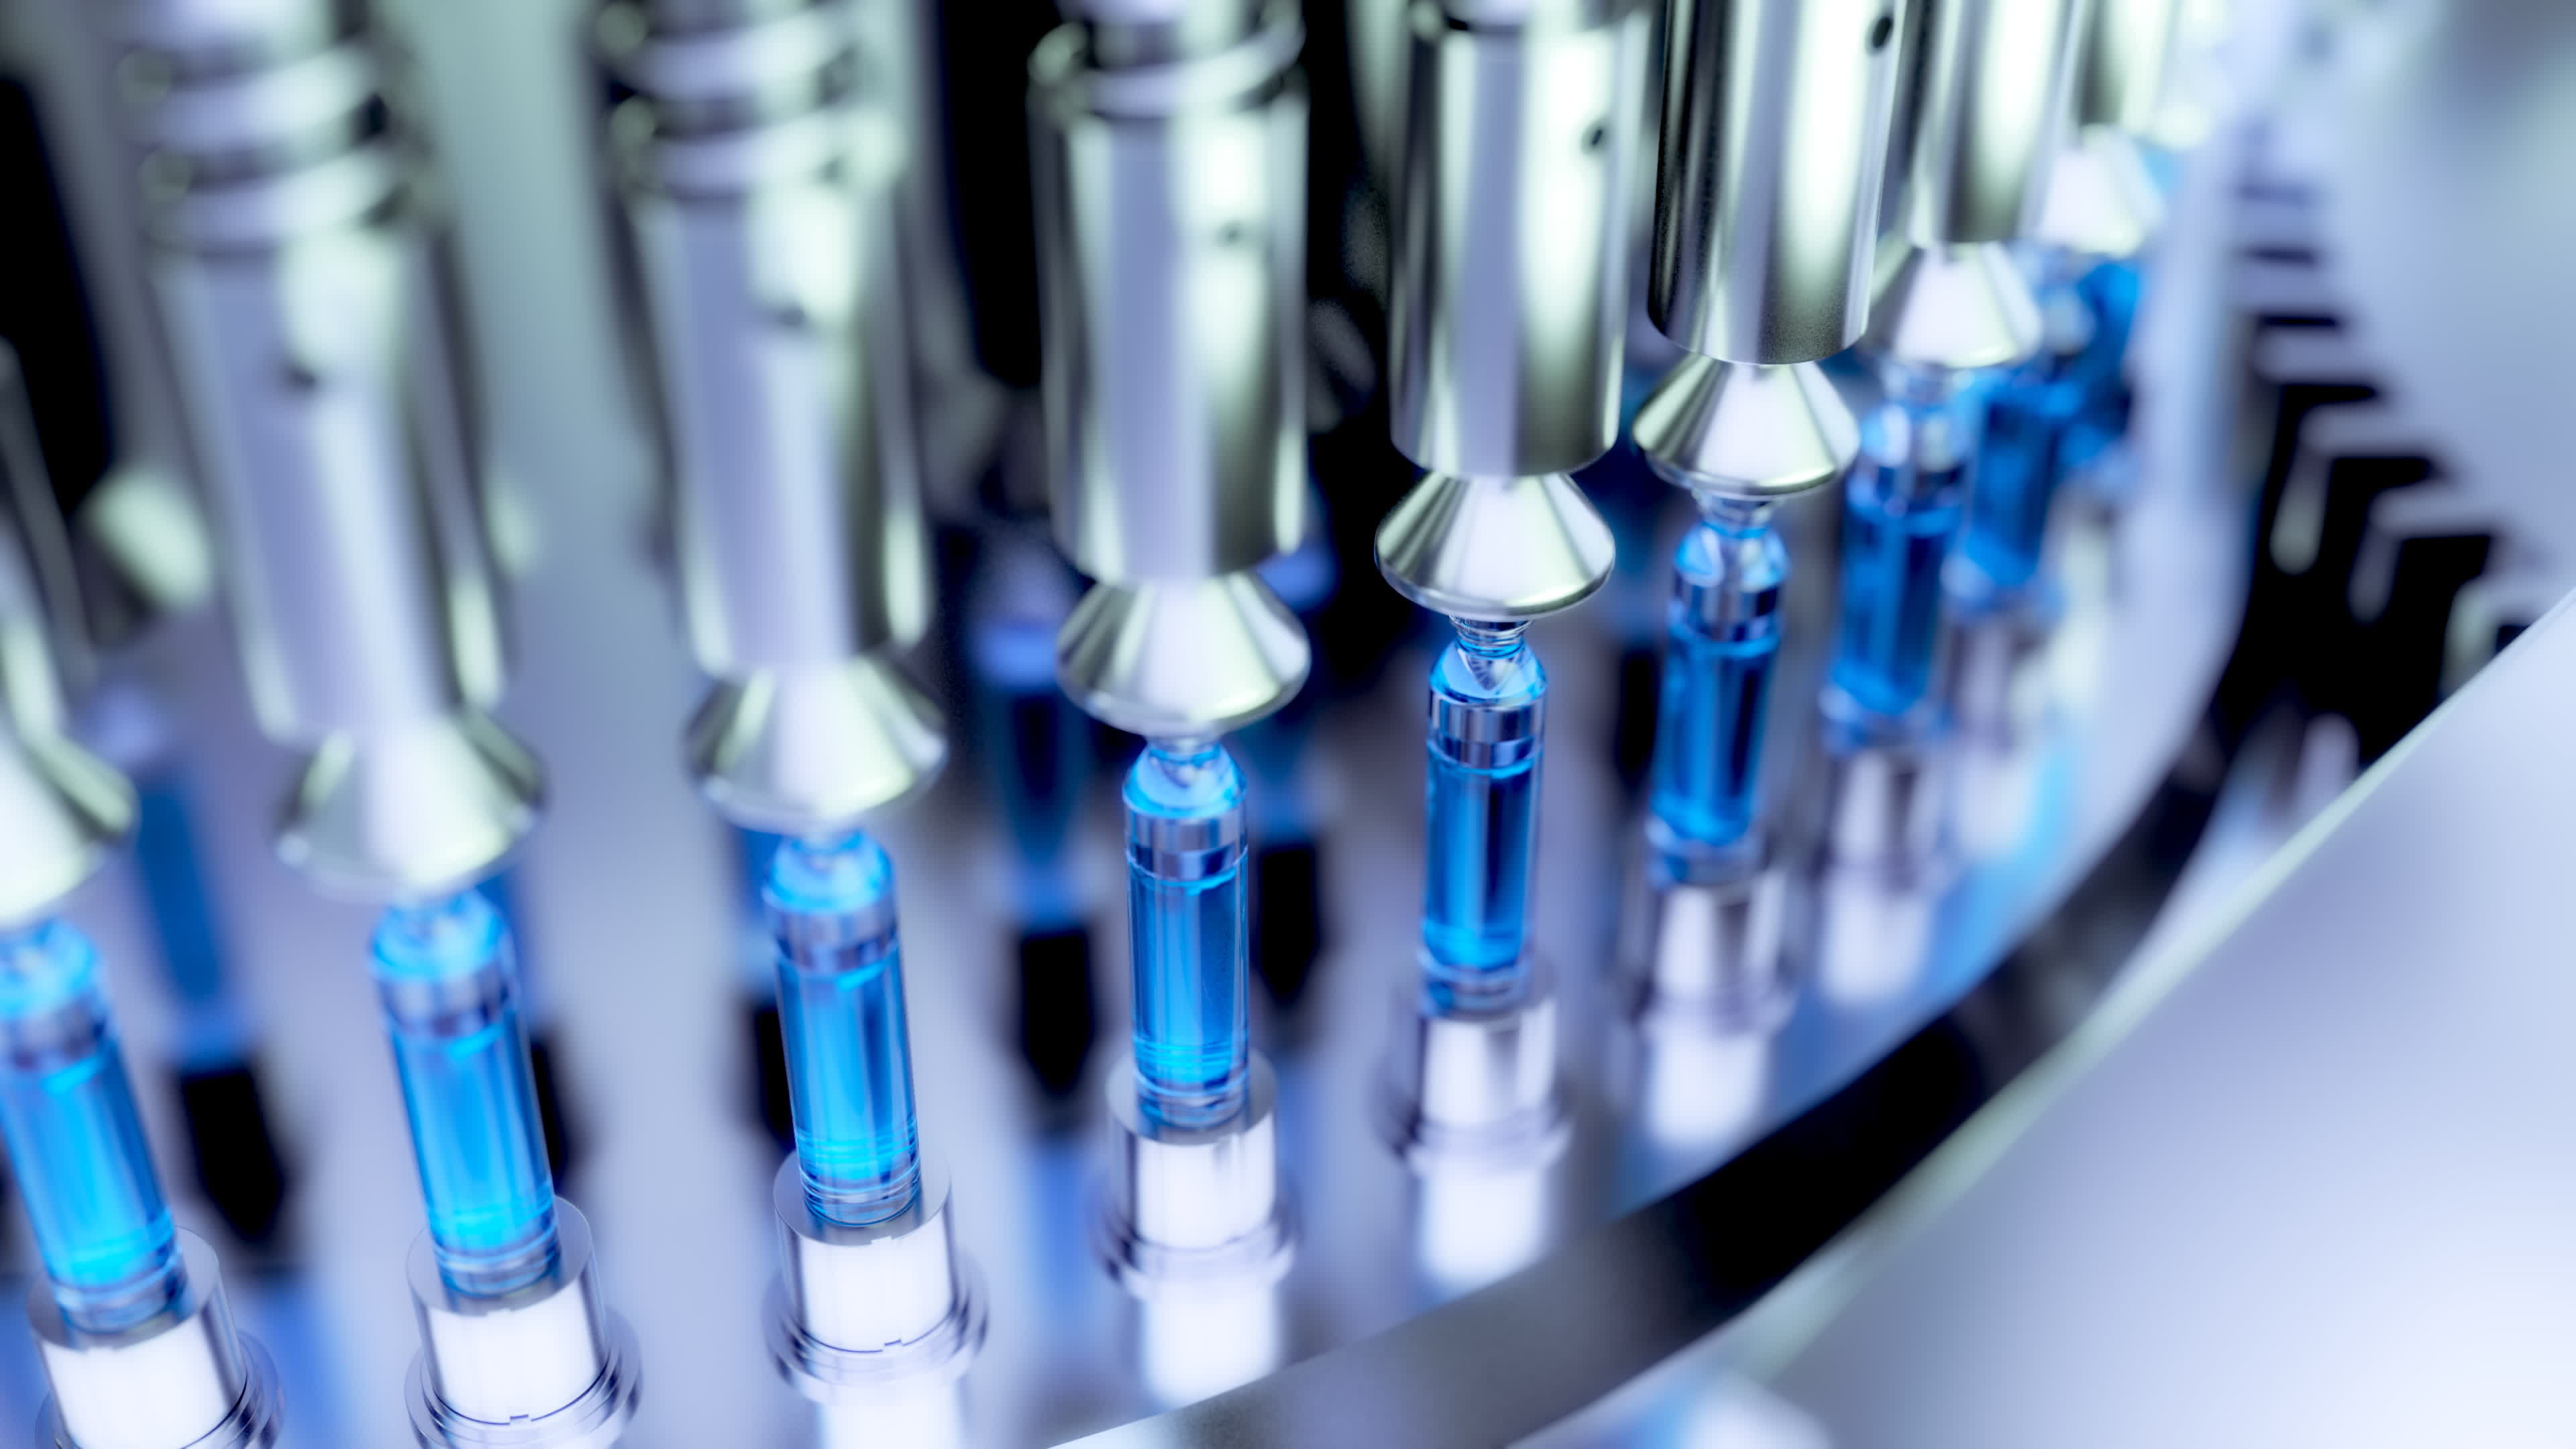 Pharmaceutical Optical Ampoule / Vial Inspection Machine. 3d illustration